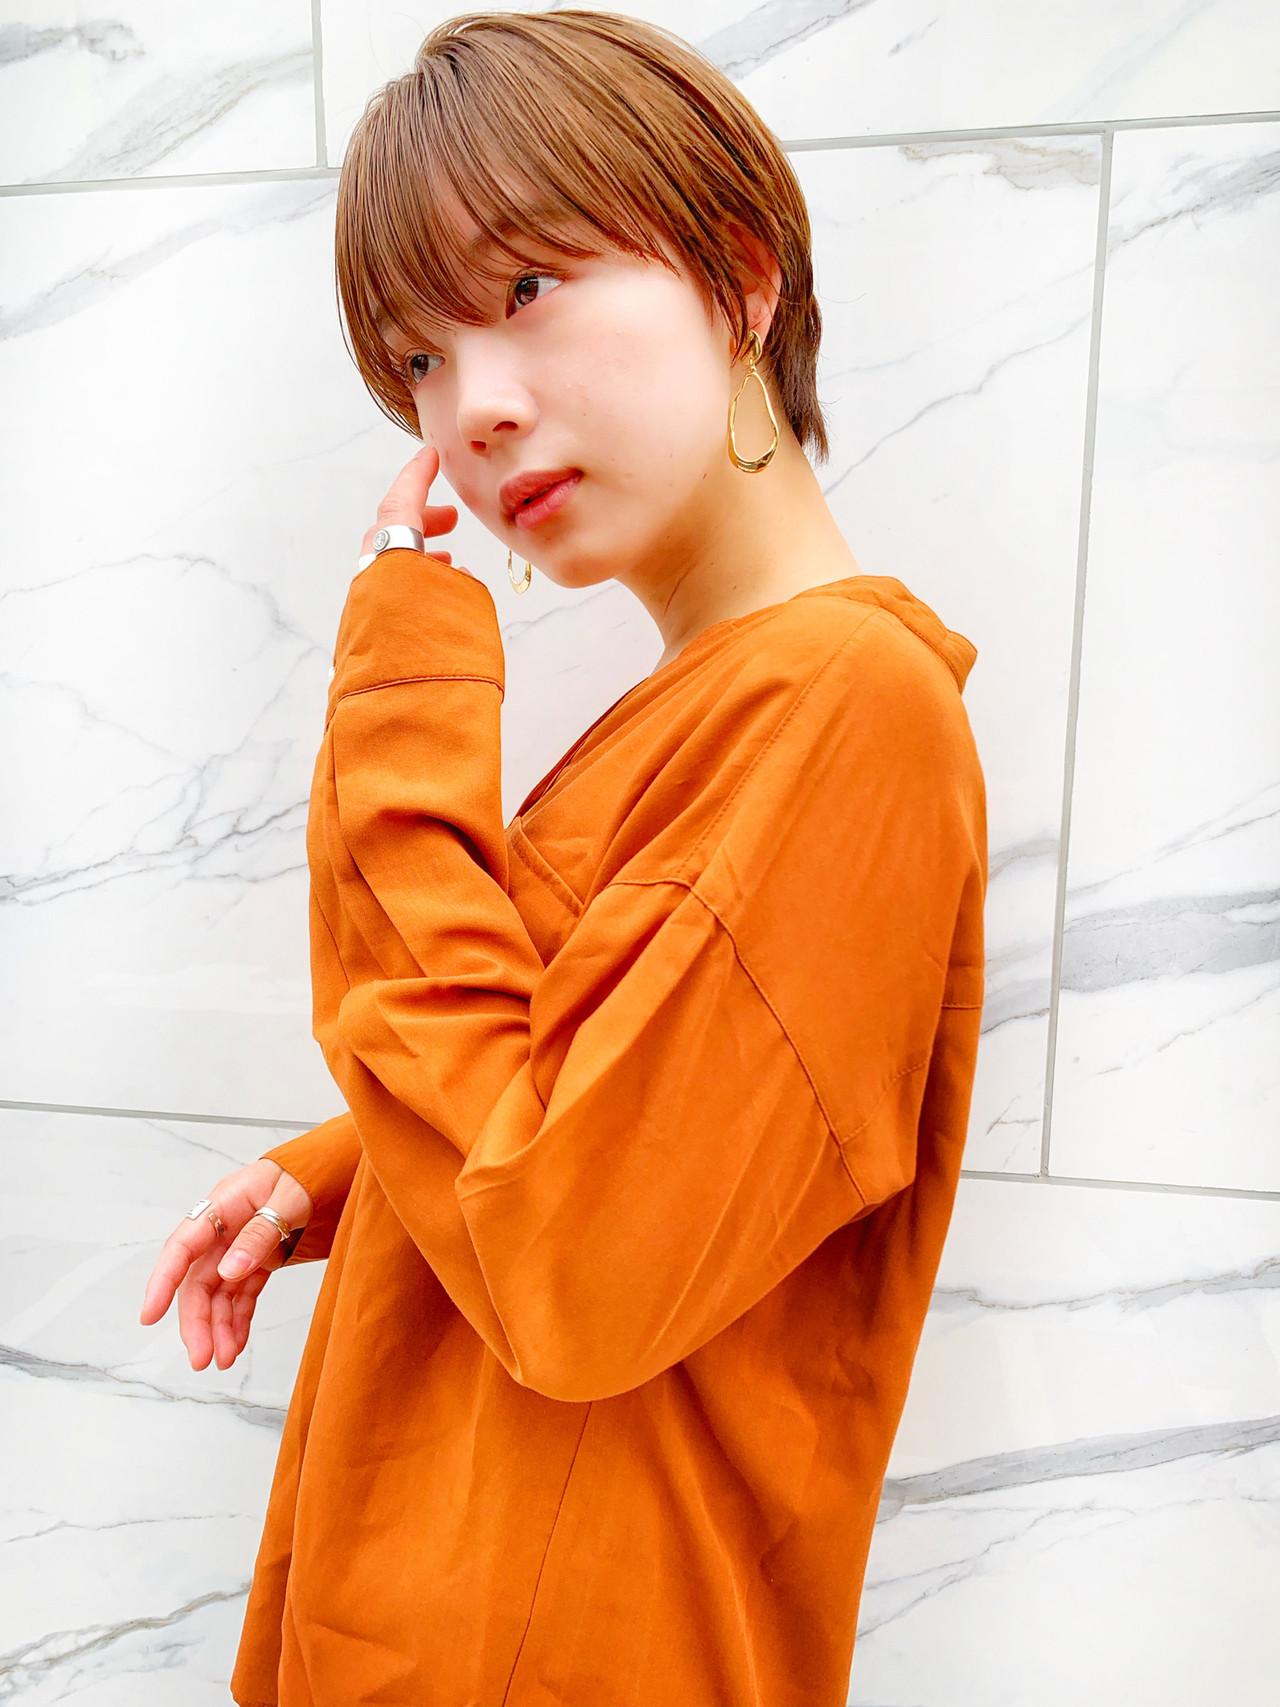 ハンサムショート ナチュラル シースルーバング グレージュ ヘアスタイルや髪型の写真・画像 | MANOHARU 新屋敷 / MANOHARU